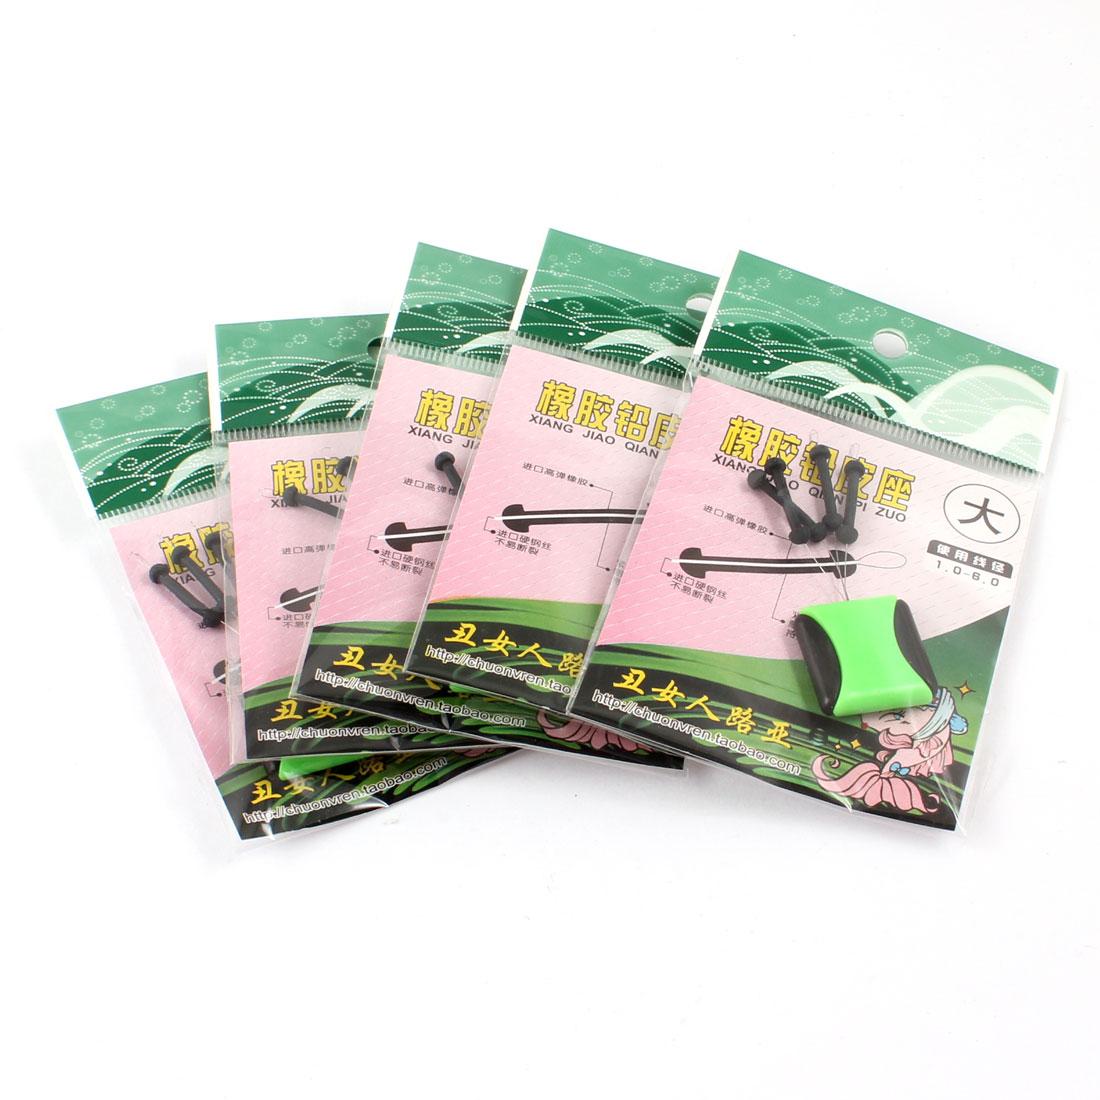 Black Green Rubber Stopper 4 in 1 Fishing Floater Bobber Sinker 5 Pcs